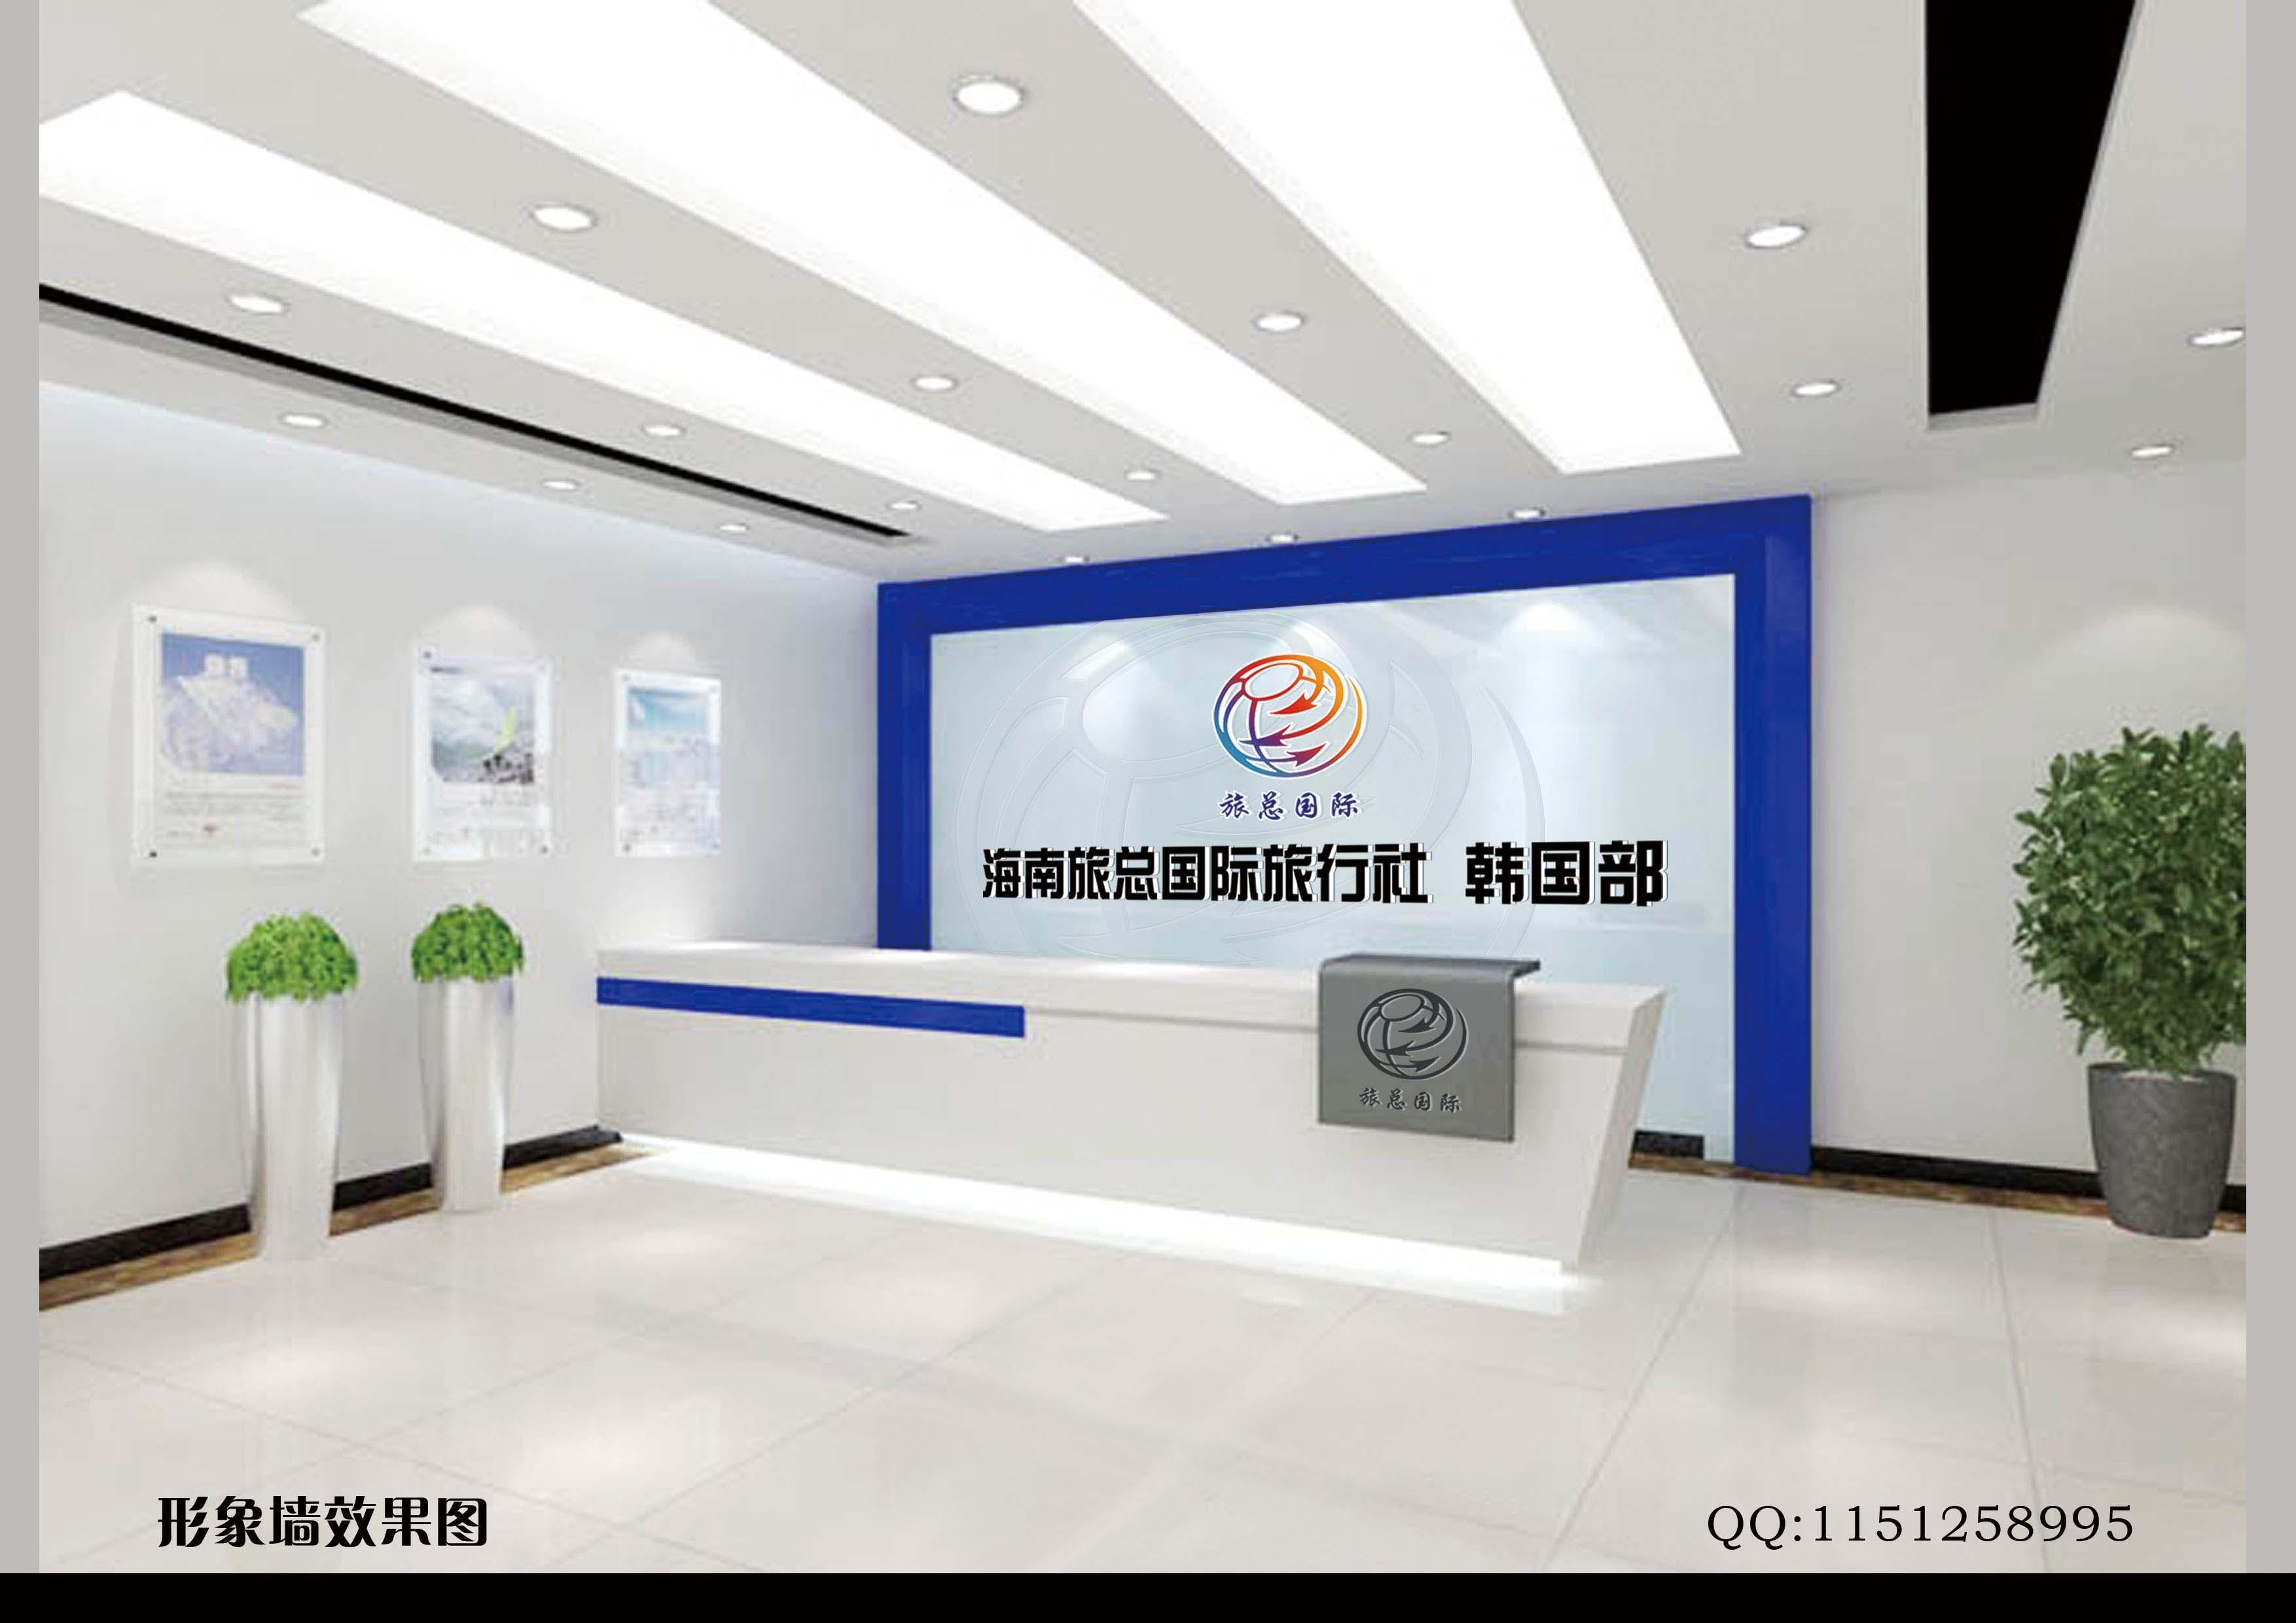 公司形象墙效果图 公司形象墙 公司前台形象墙设计